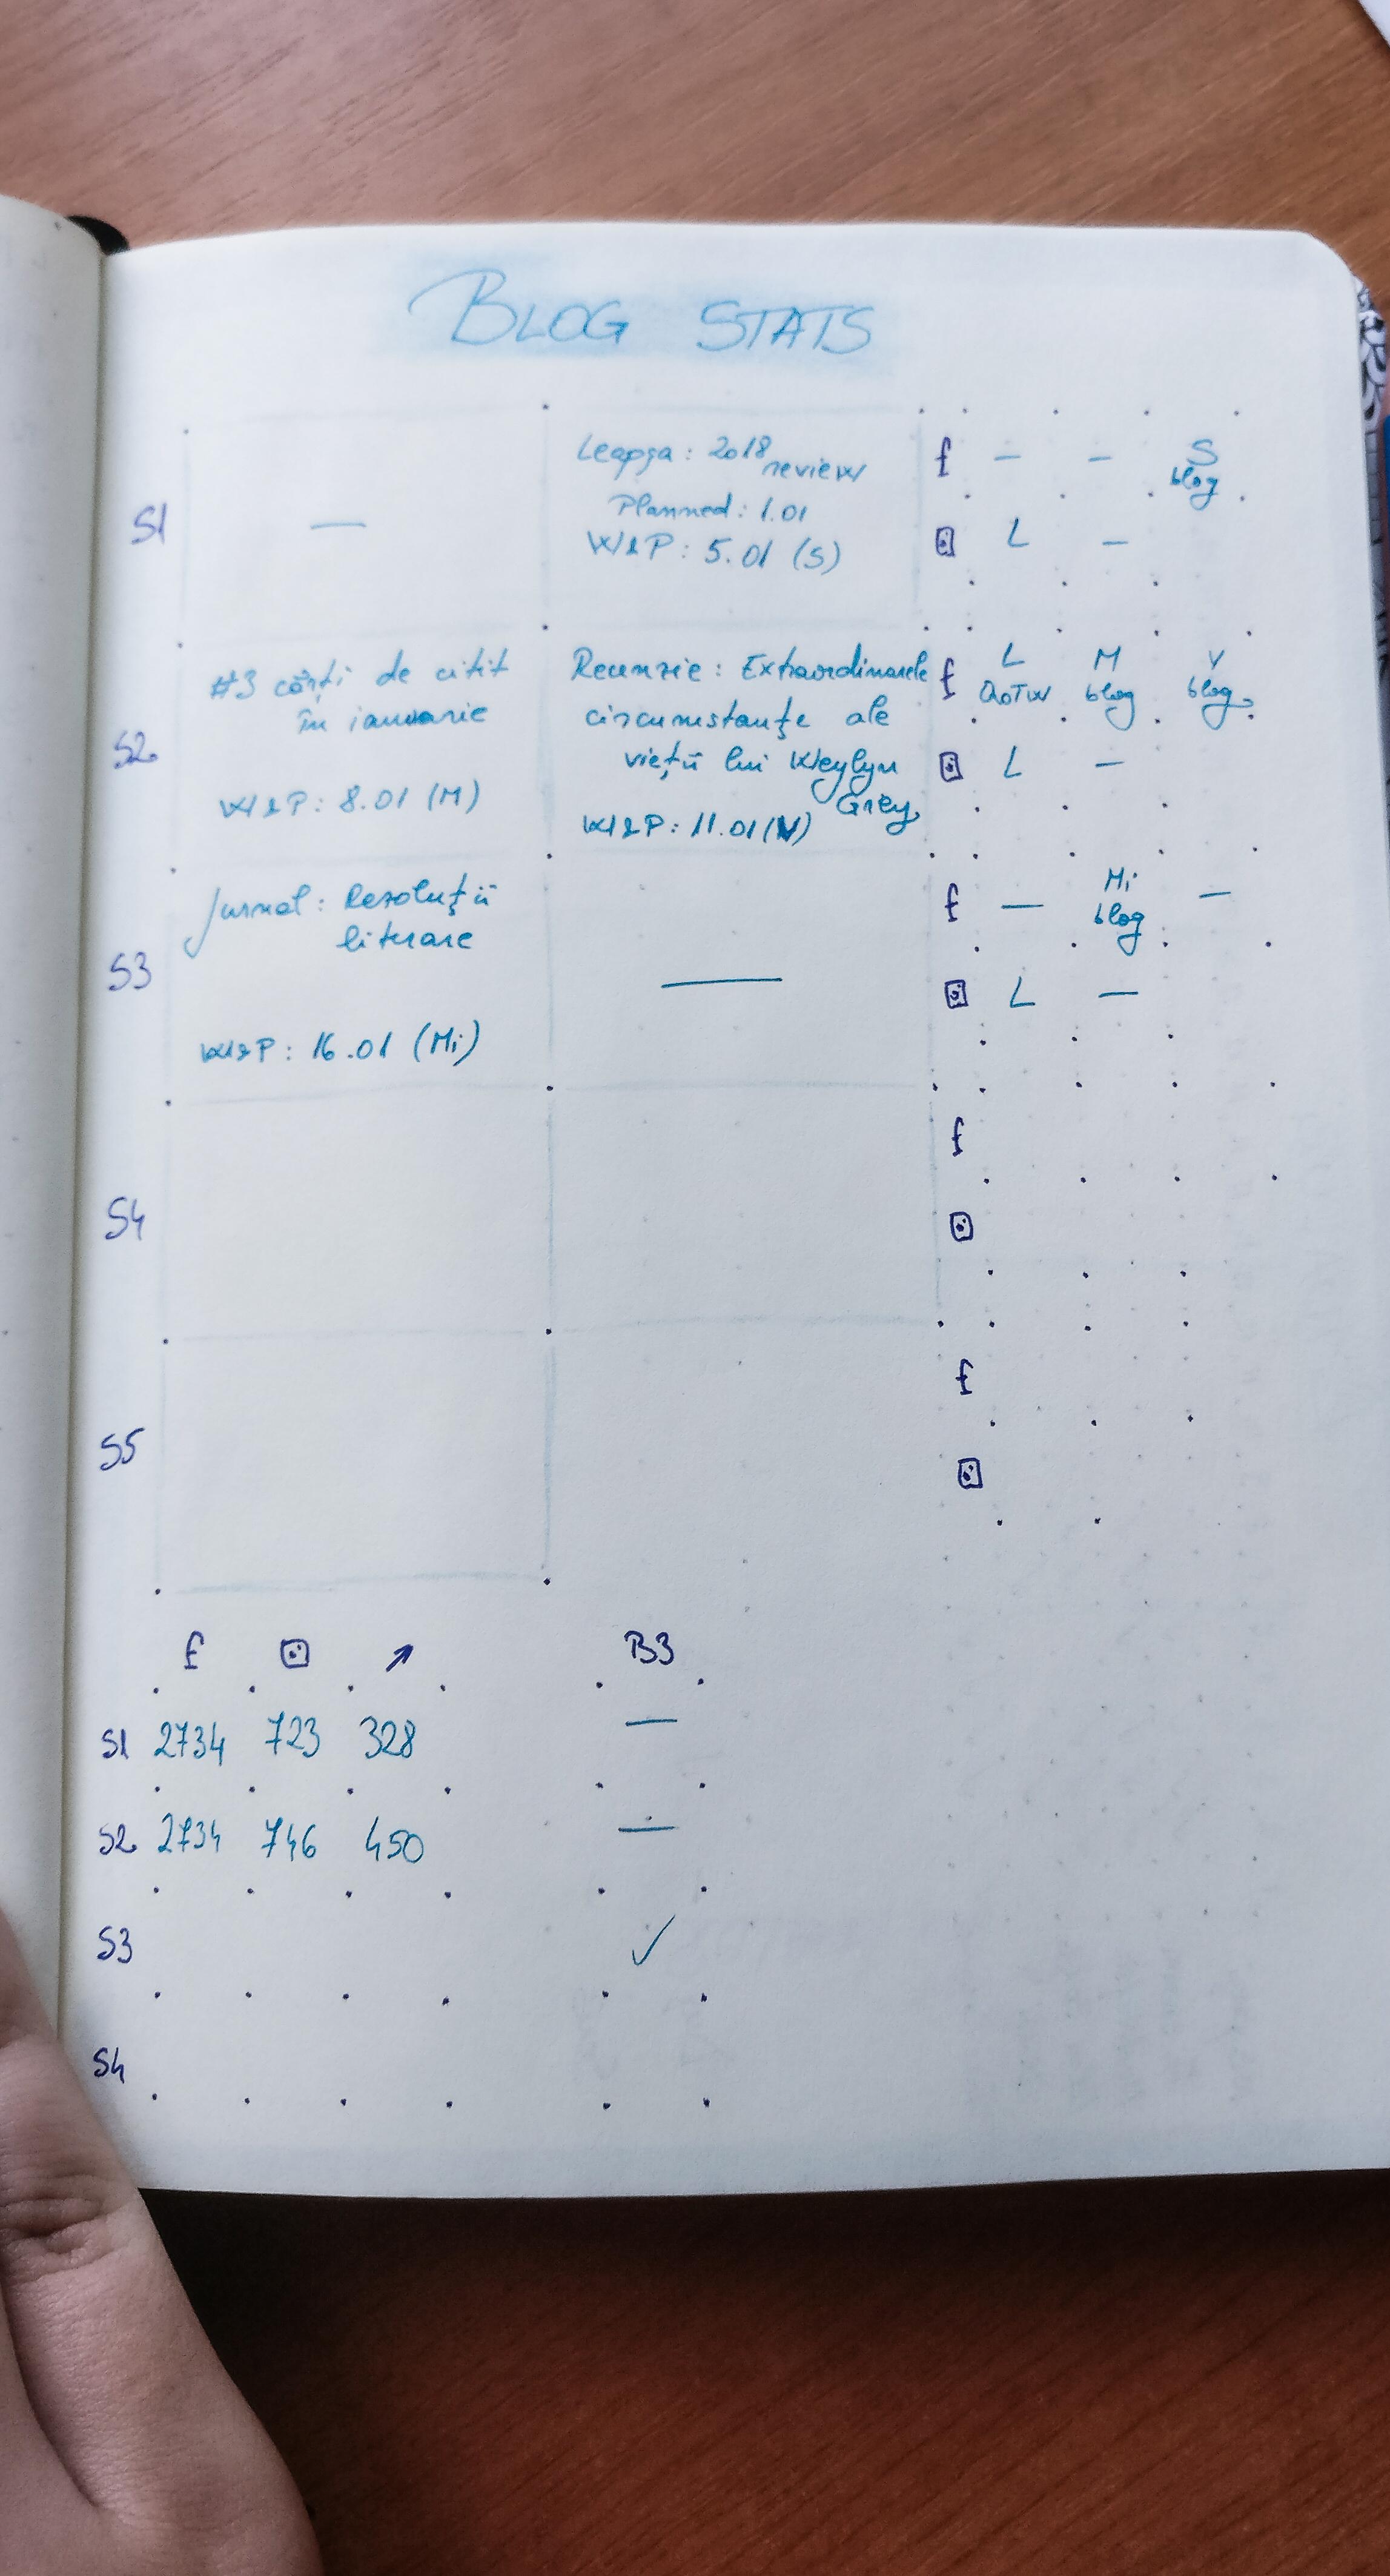 bullet-journal-blog-tracker.jpg